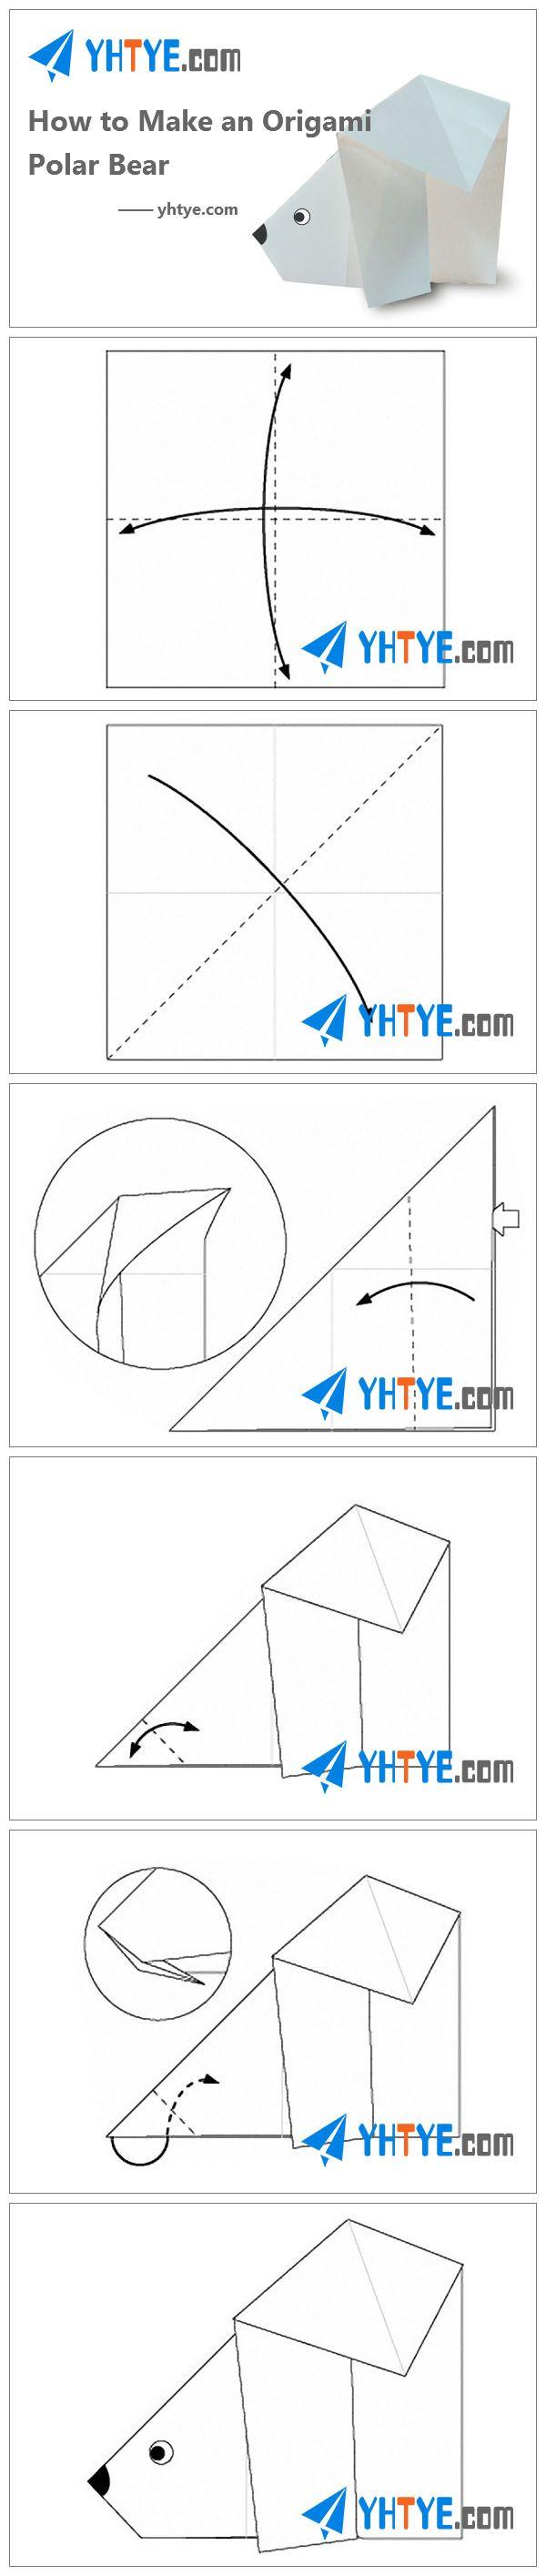 How to Make an Origami Polar Bear